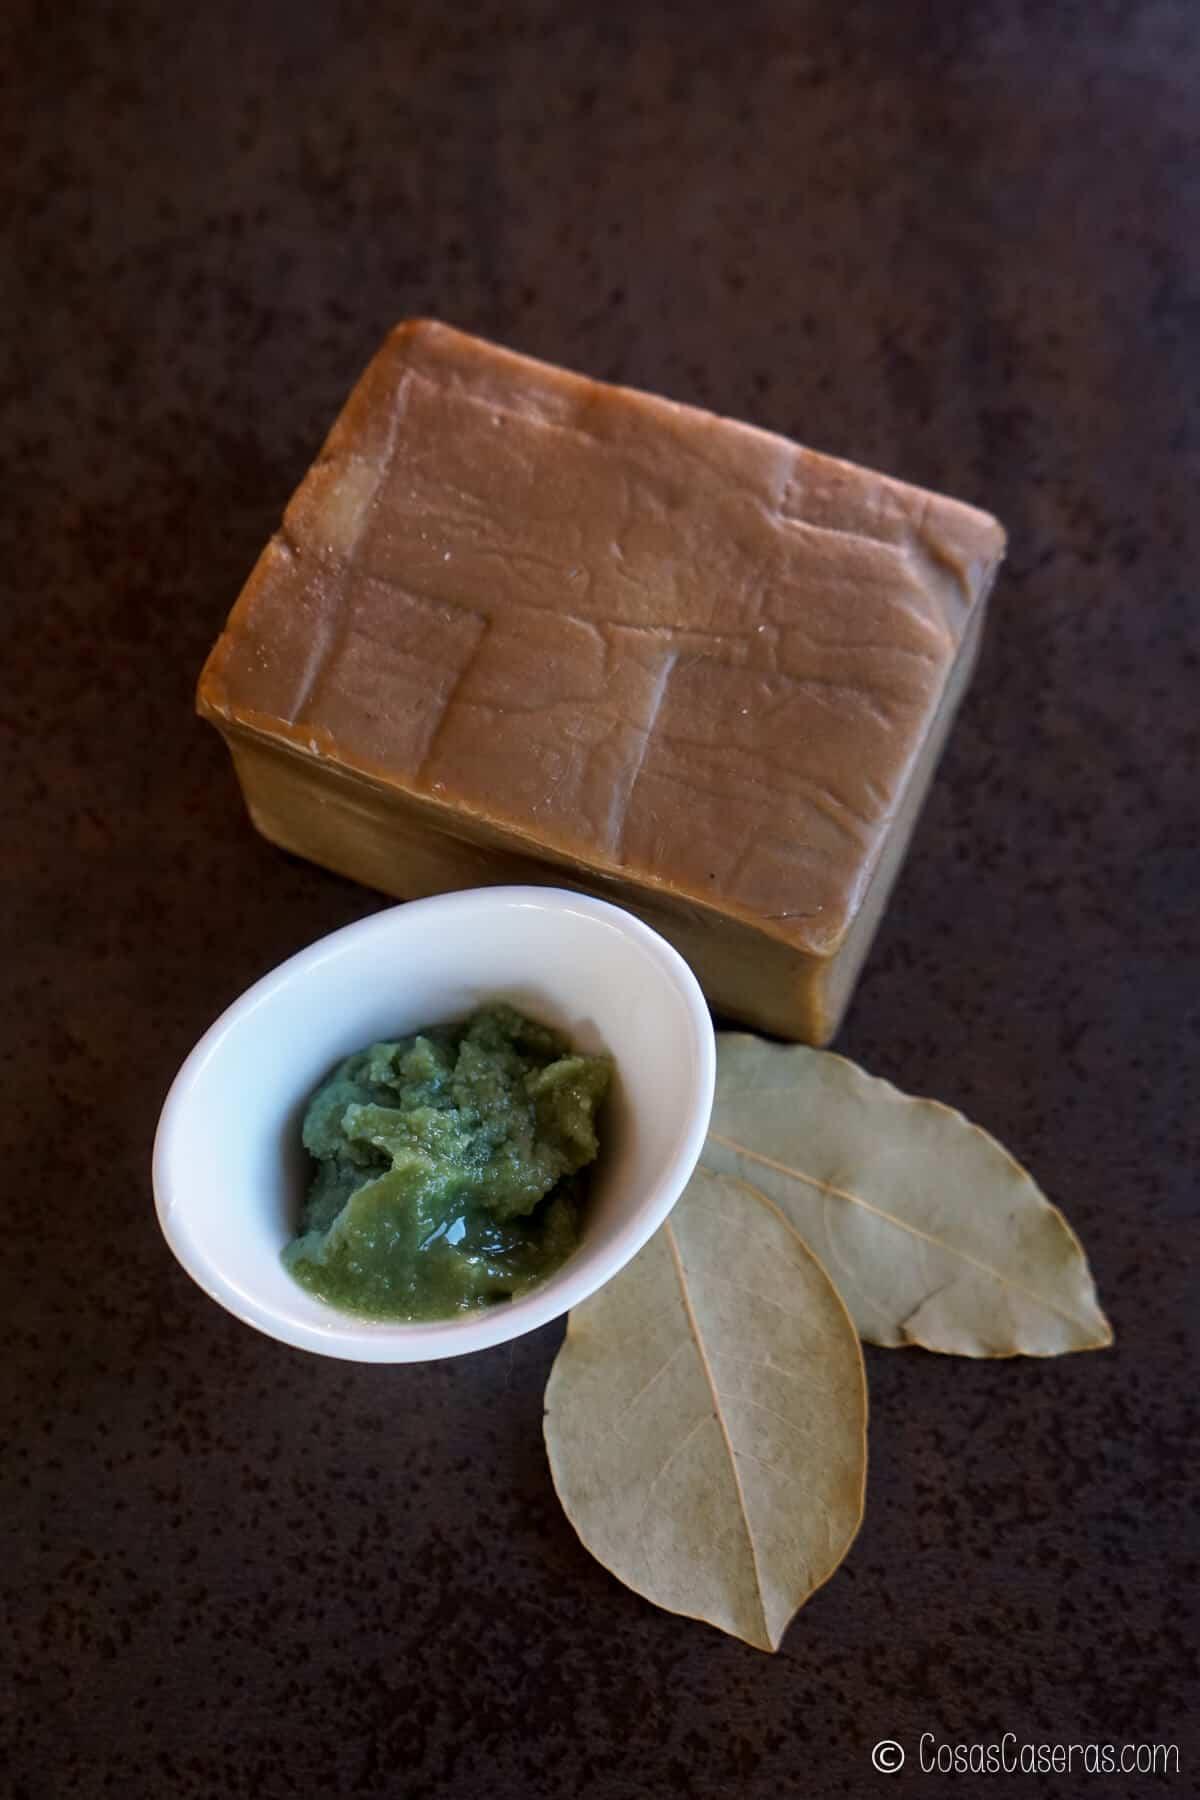 un bol con aceite de bayas de laurel, unas hojas de laurel, y una barra de jabón de Alepo